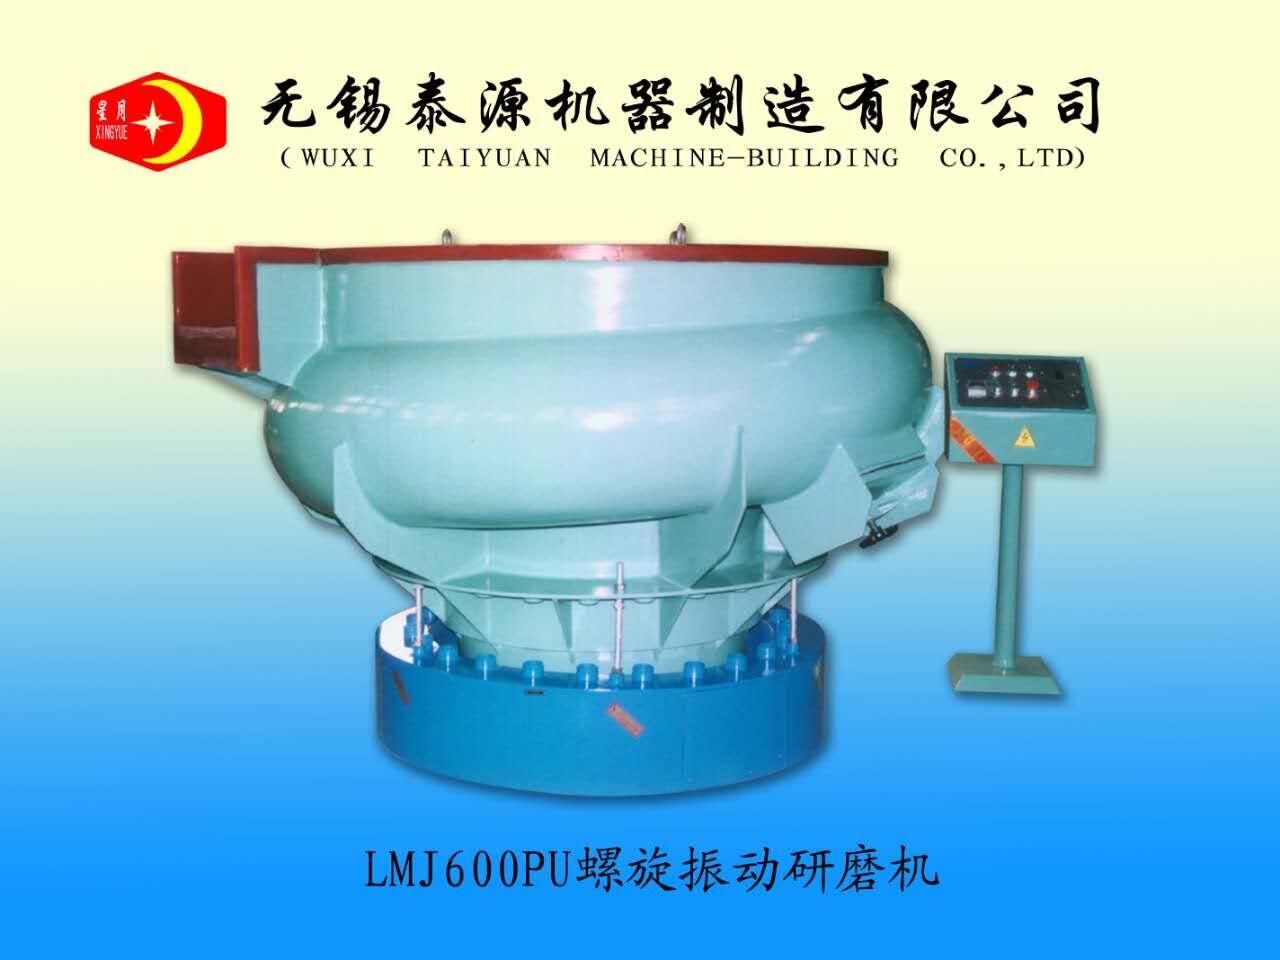 冠亚体育)LMJ600 PU 螺旋振动研磨机